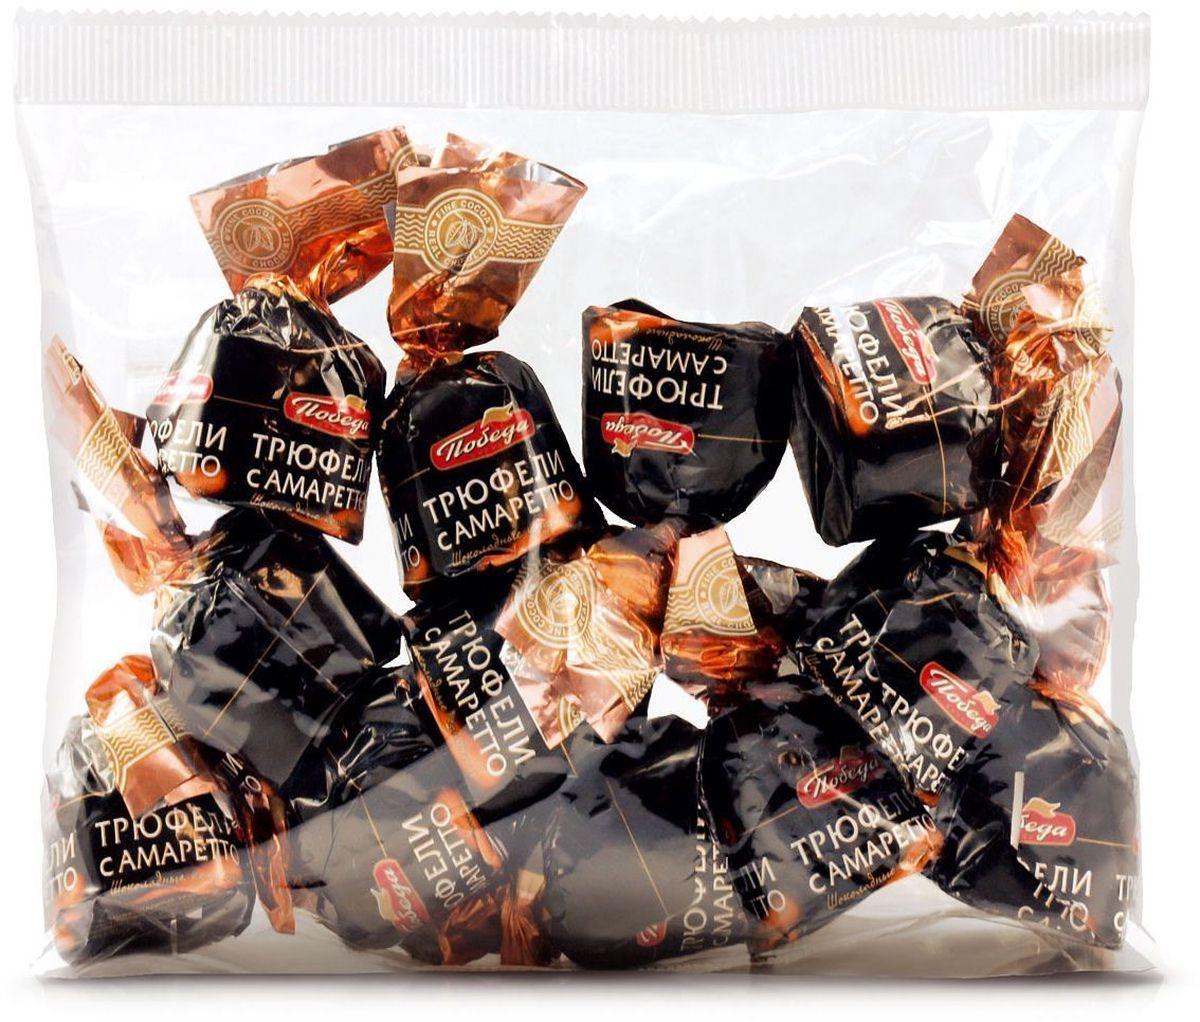 Победа вкуса Трюфели с амаретто шоколадные конфеты, 200 г победа вкуса трюфели с амаретто шоколадные конфеты 180 г